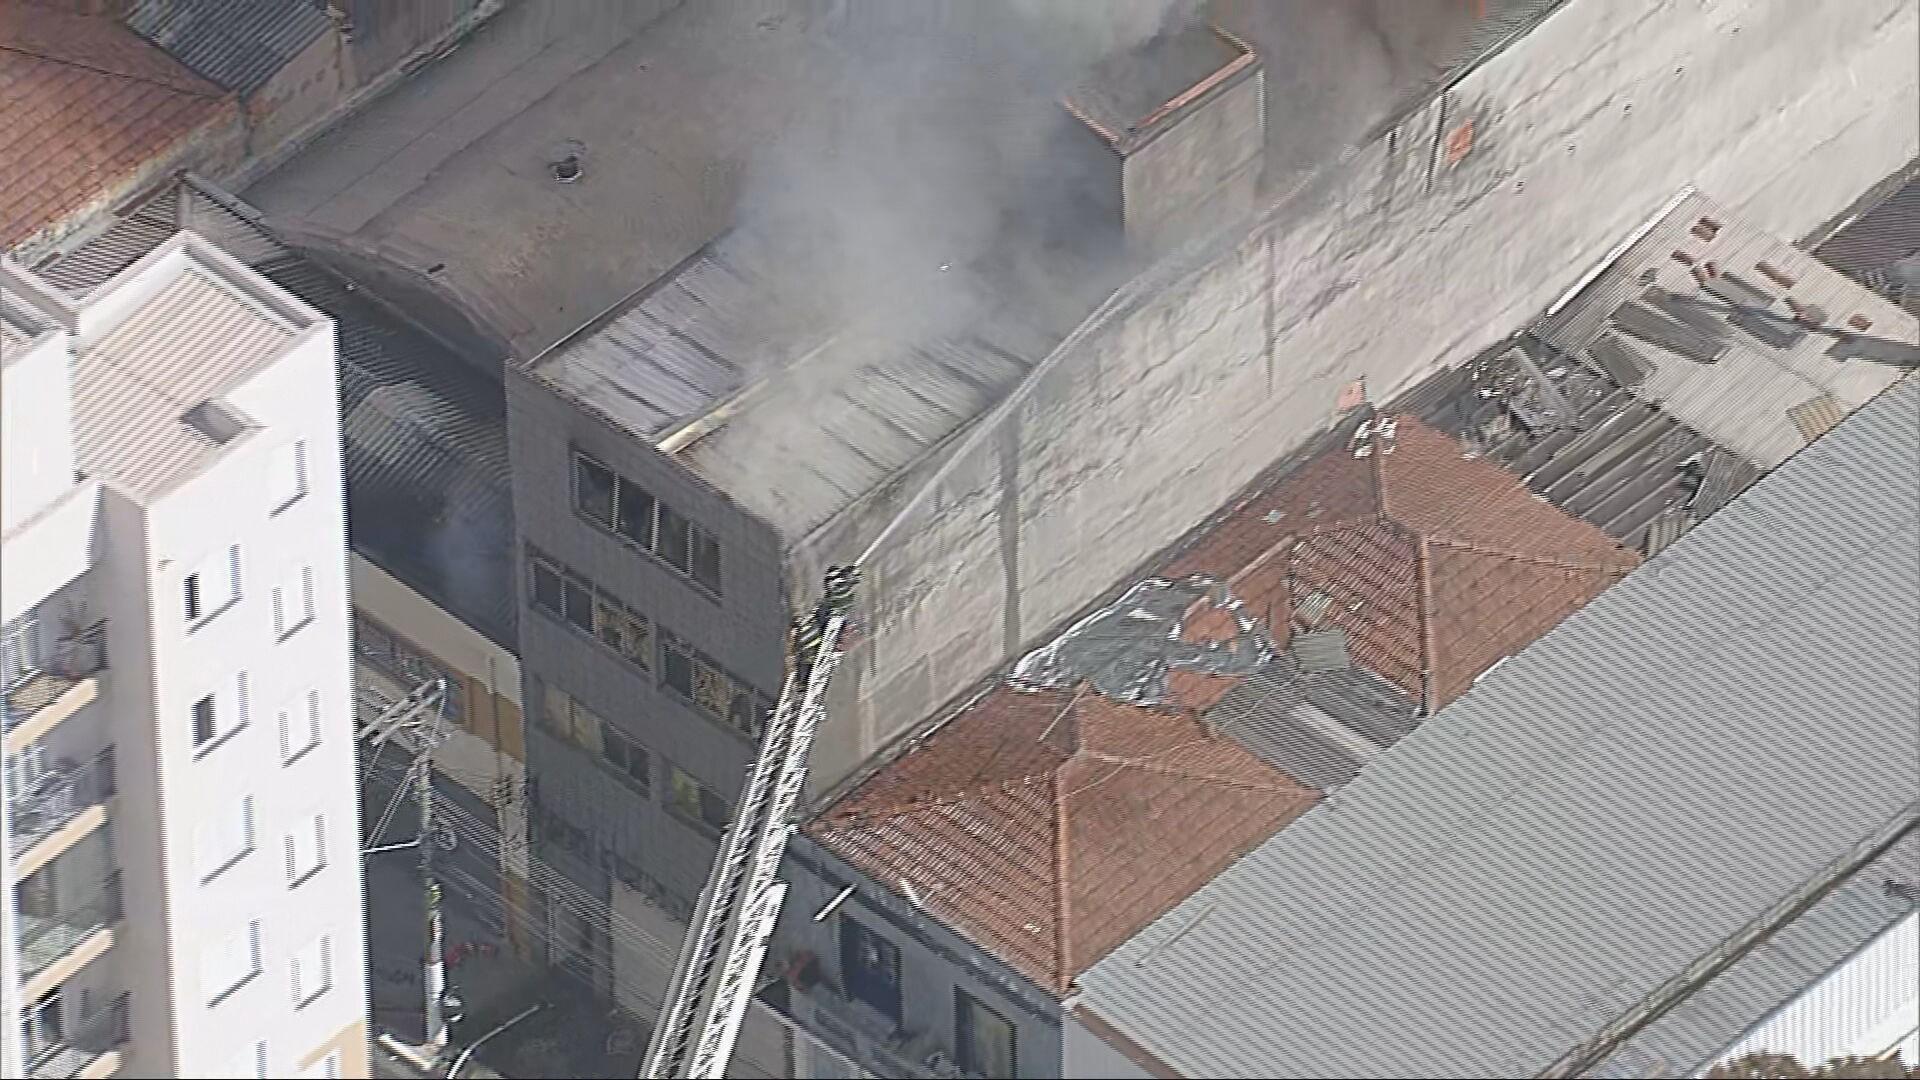 Incêndio atinge pequeno edifício no Bom Retiro, no Centro de SP